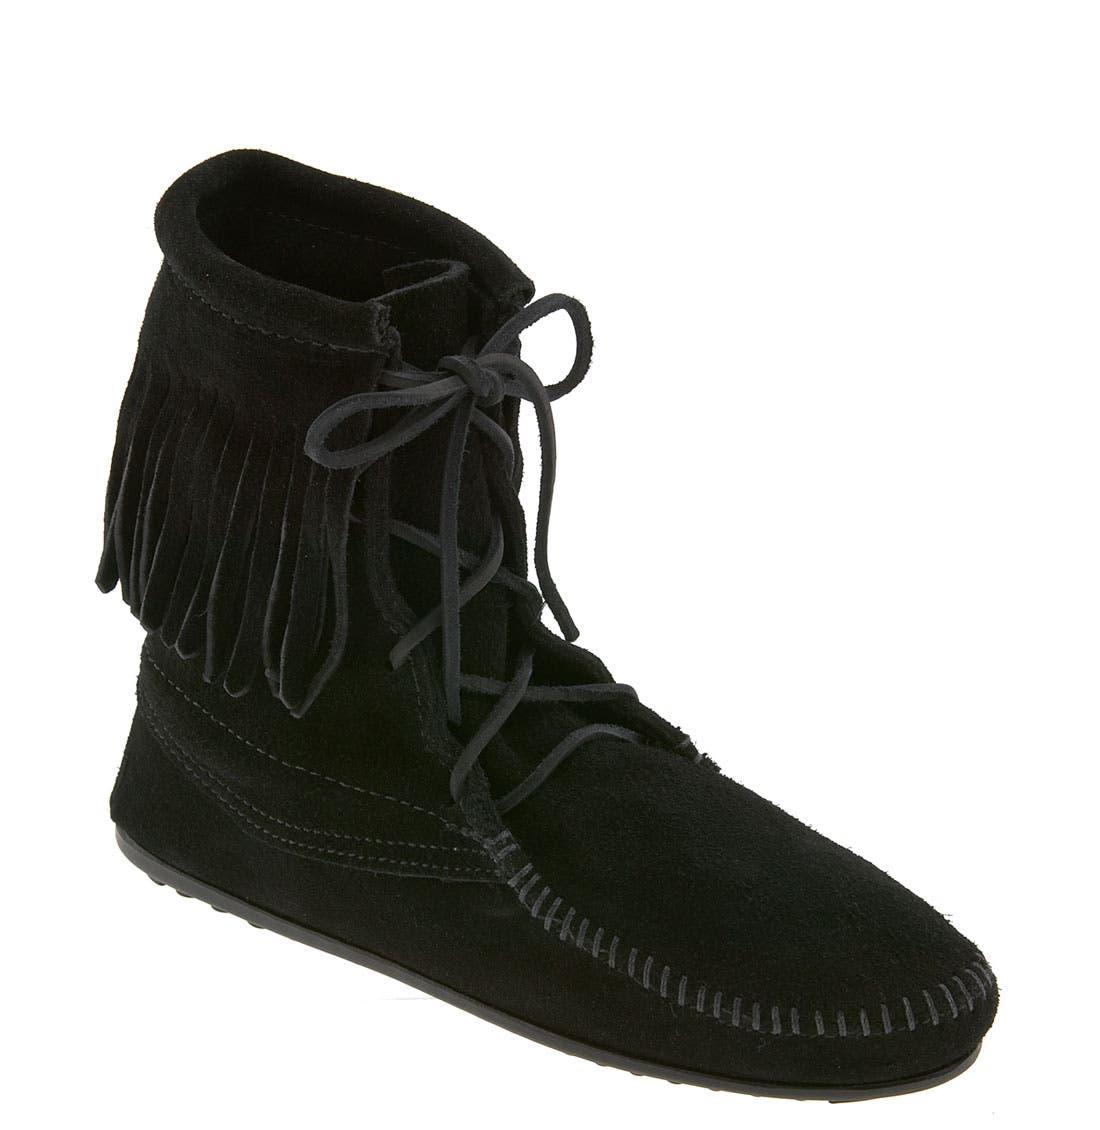 'Tramper' Boot,                             Main thumbnail 1, color,                             001